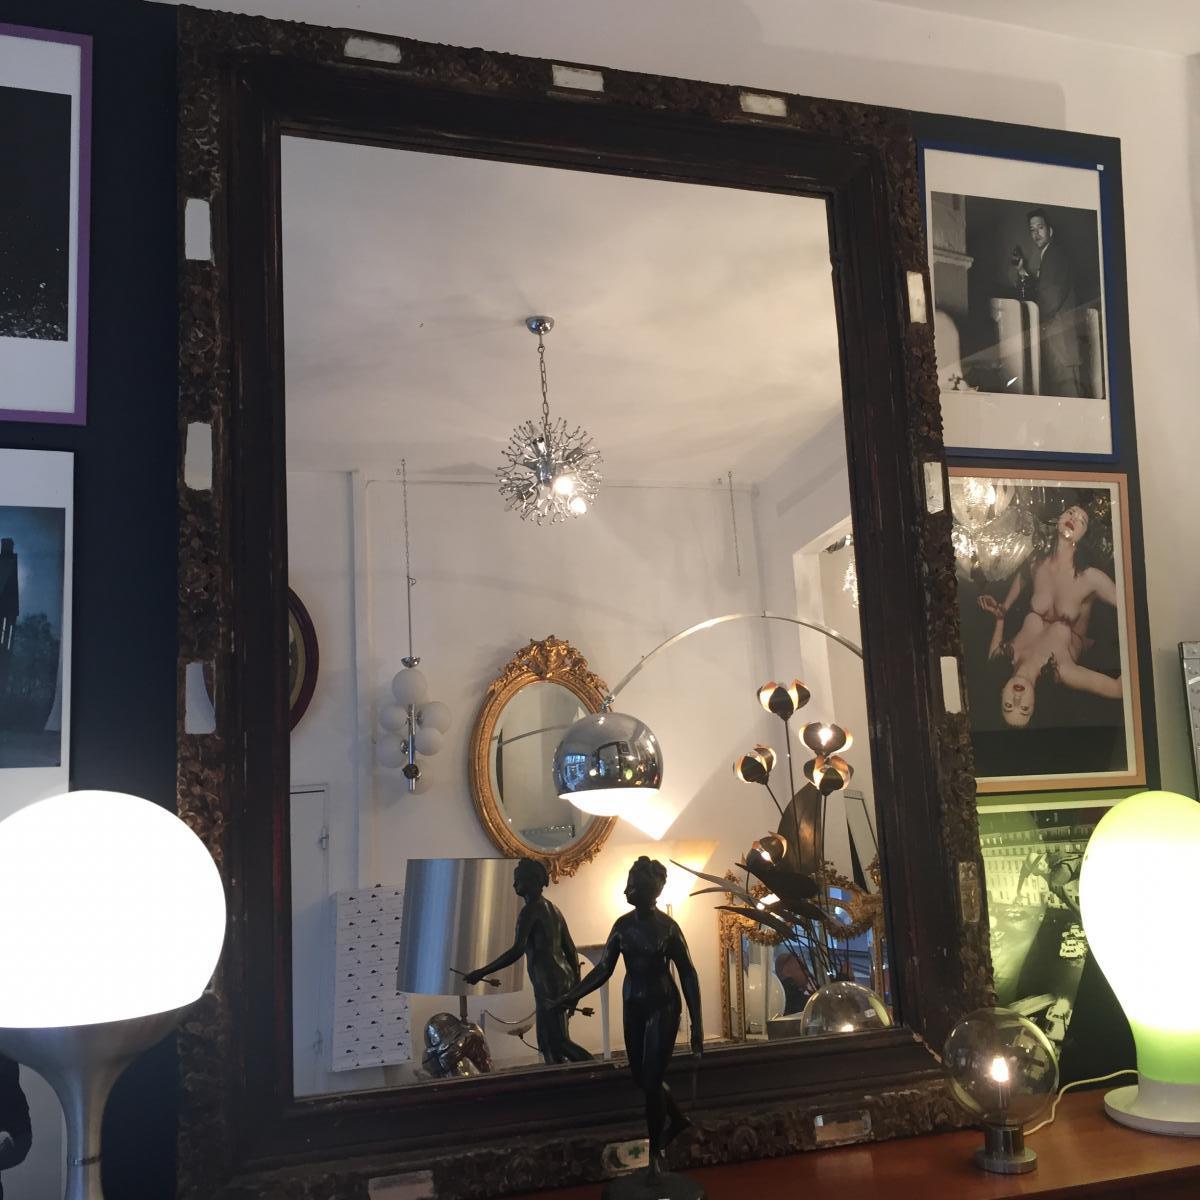 h 220 cm enorme miroir miroirs